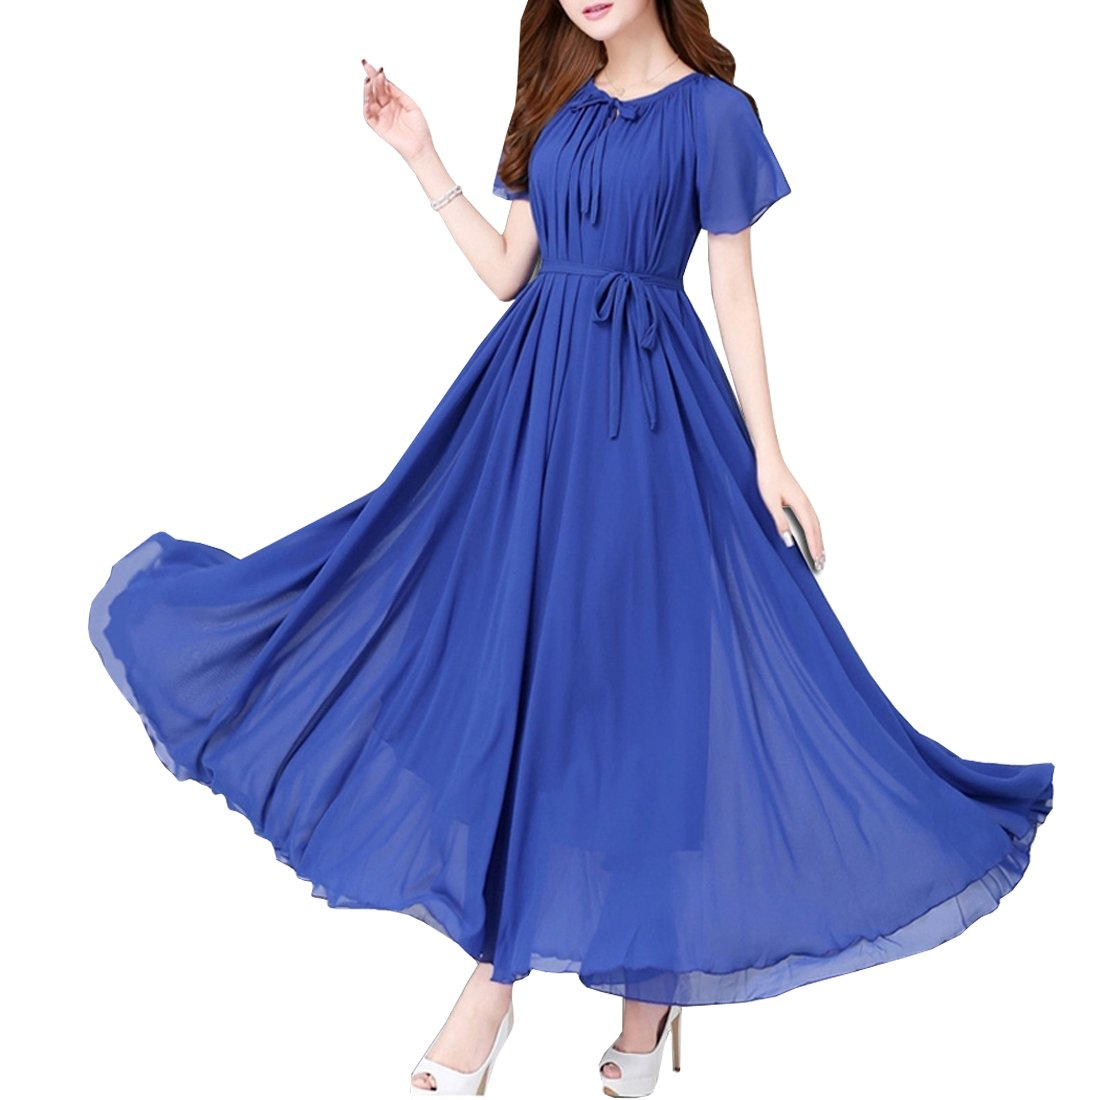 KAXIDY Elegante Vestidos Mujer Vestidos de Noche Vestidos de Cóctel Vestido Largo con Cinturón